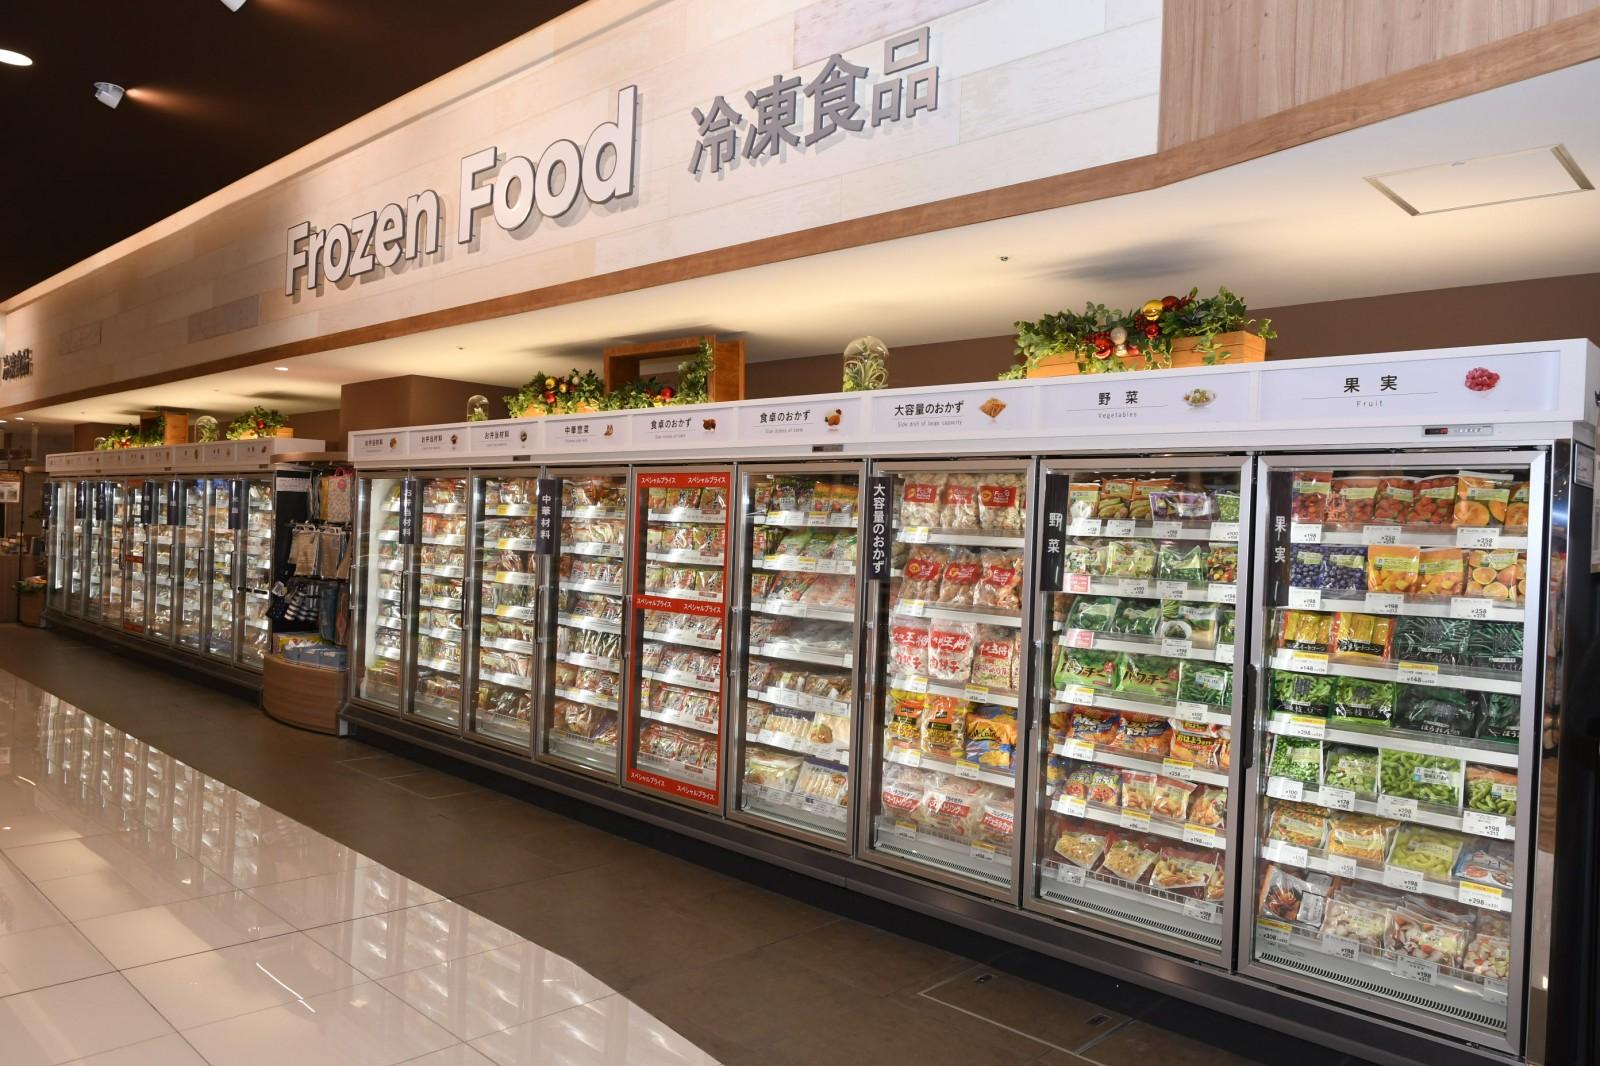 冷凍食品は第5番目のFRESH(生鮮)に! ヨーカドー赤池店の挑戦から量販店売場の近未来を描く